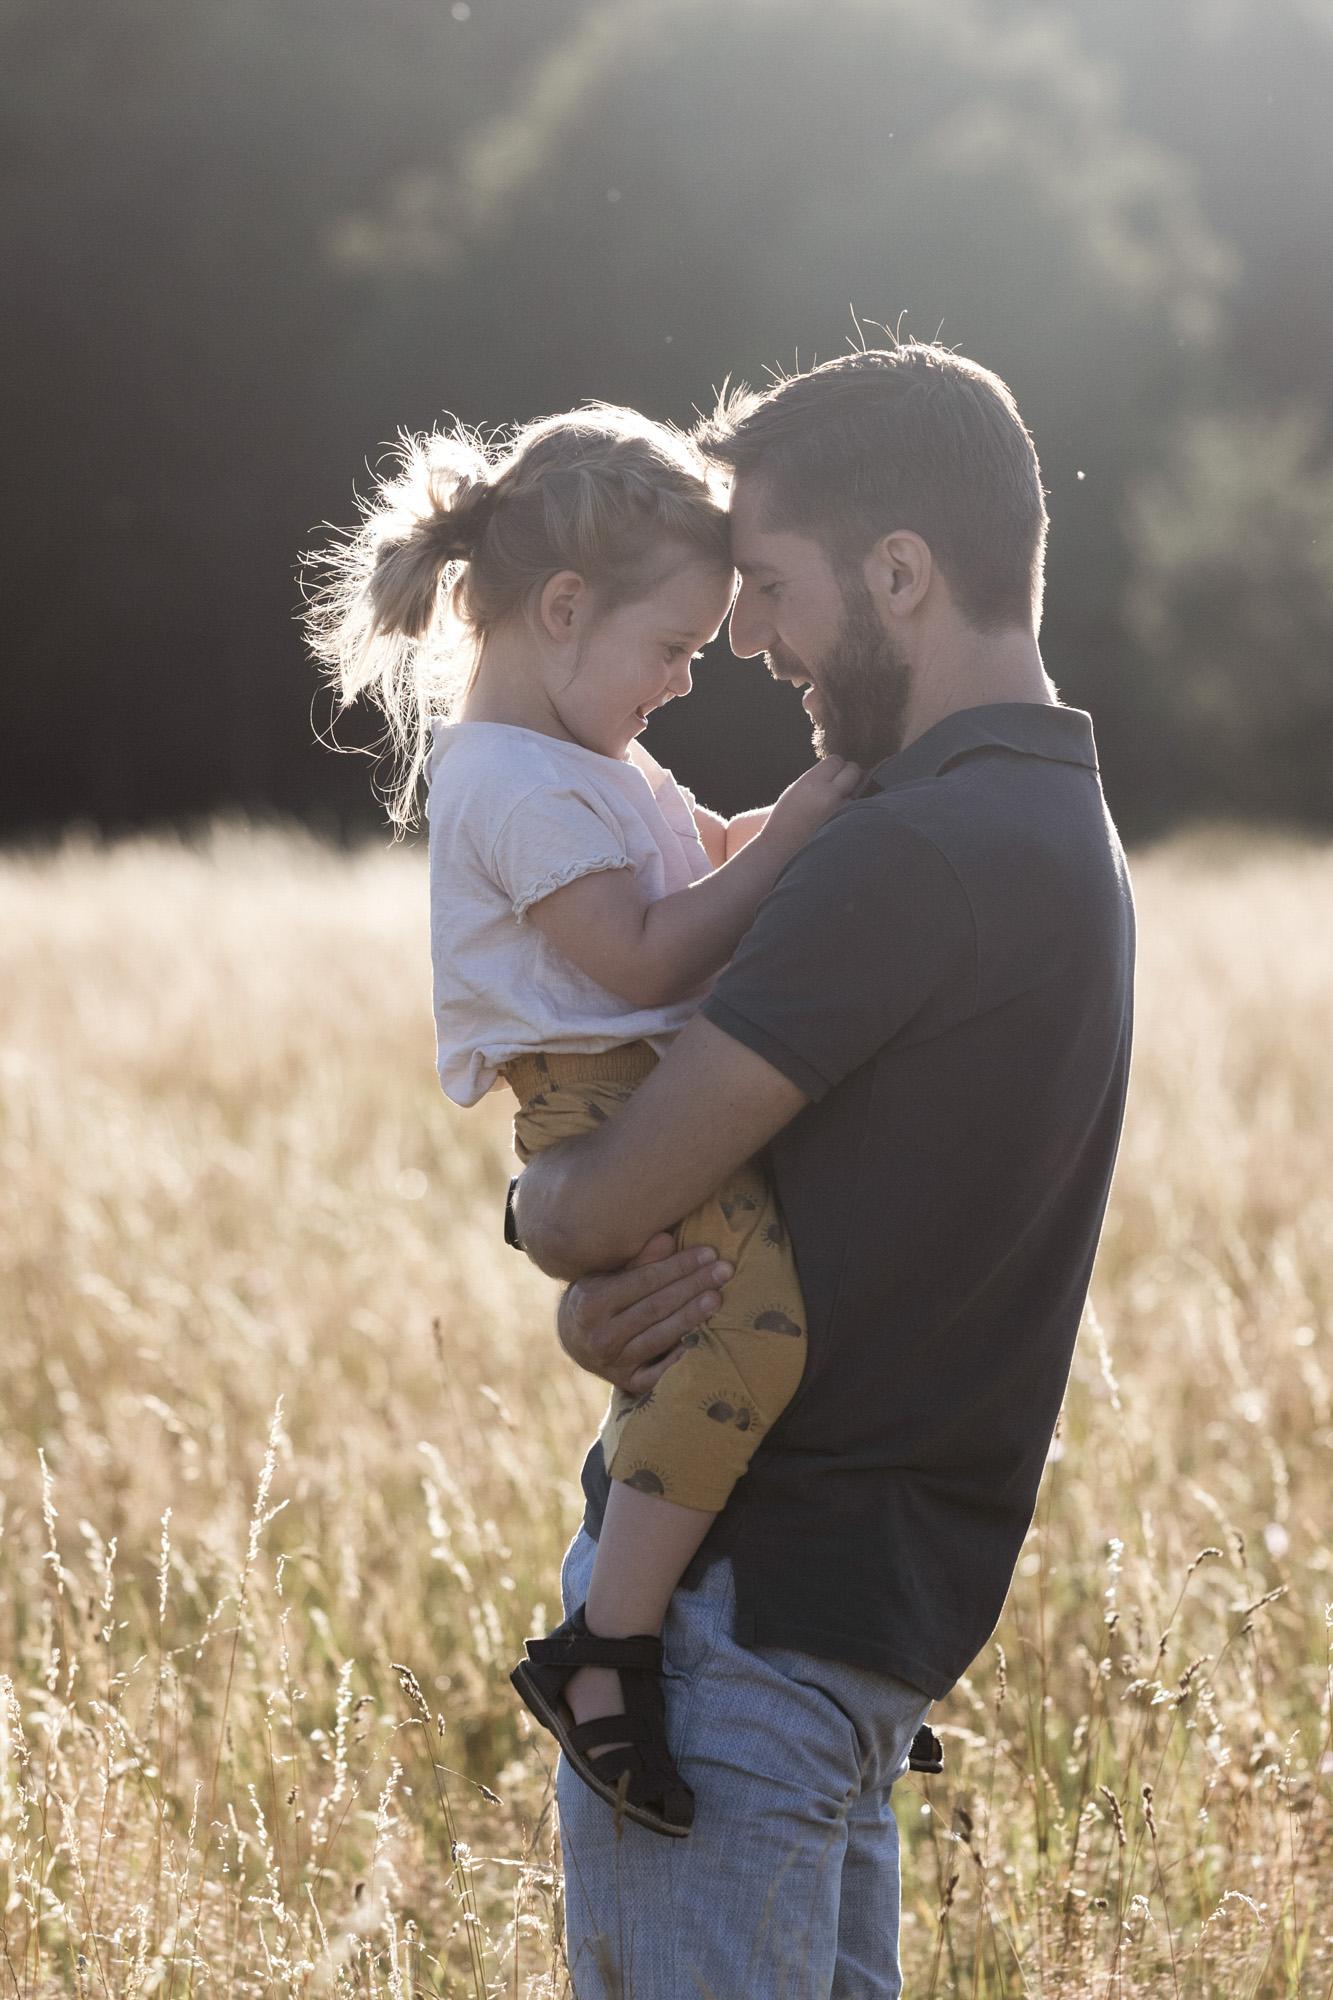 Der Papa mit seiner Tochter beim Familienfotoshooting in der Natur - Fotograf Basel